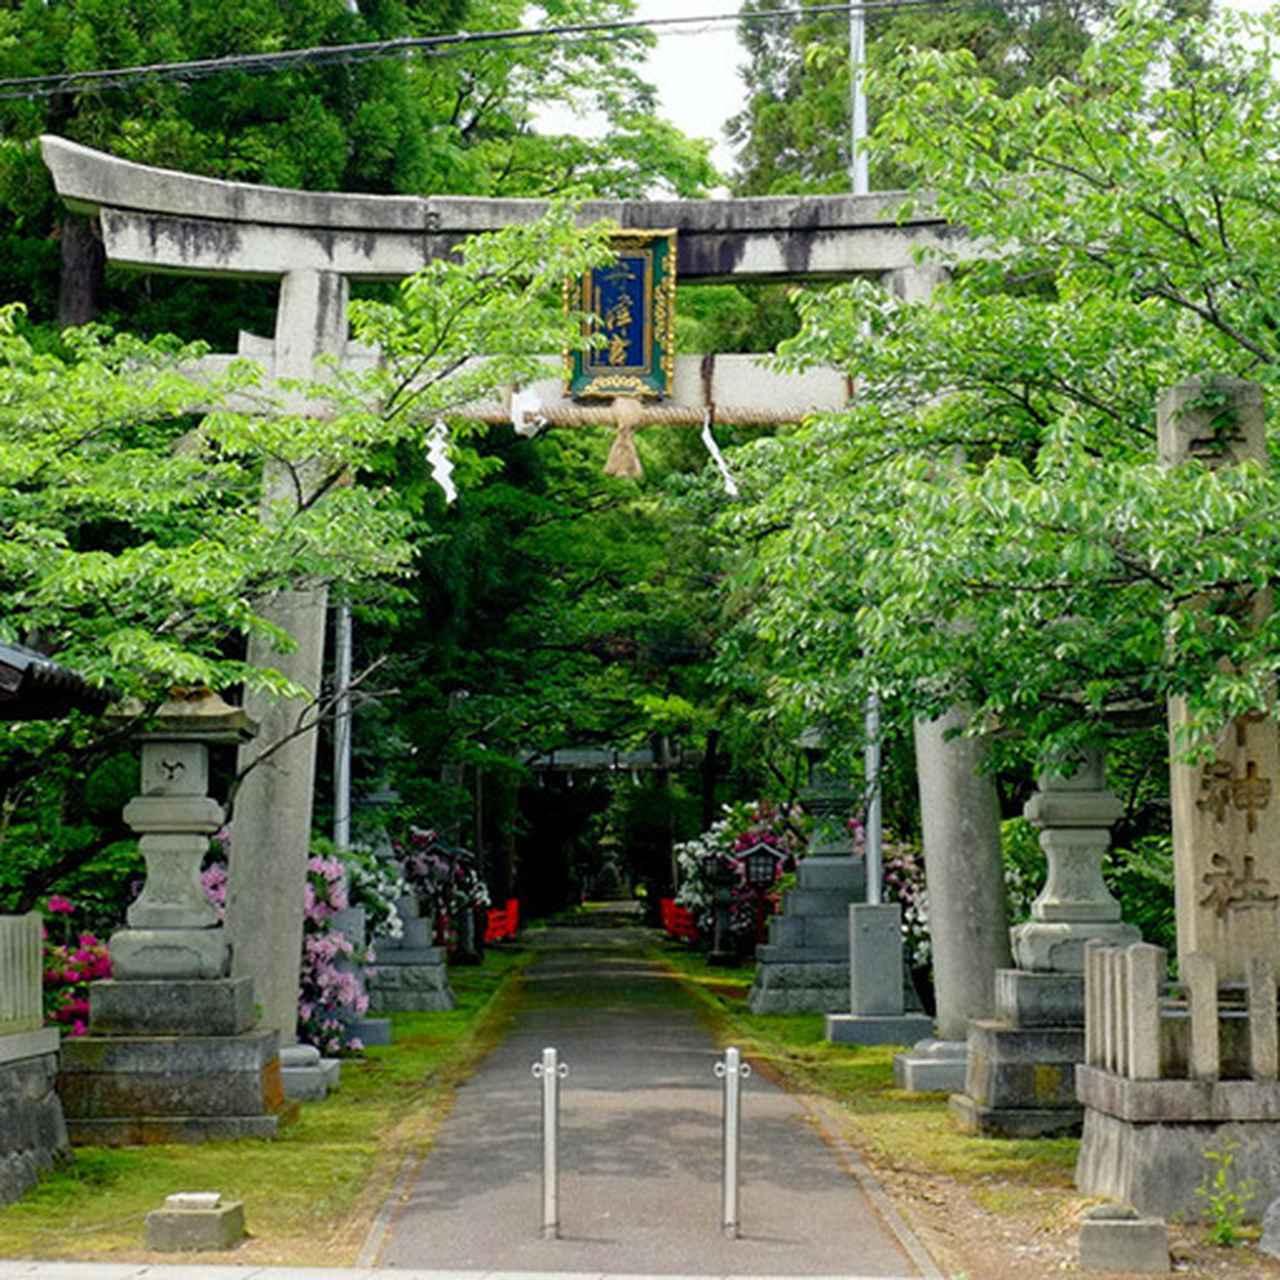 画像: 「舟津神社」入口の石柱には「式内舟津神社」とあります。「式内」とは今から1000年以上前に書かれた「延喜式」の中にちゃんと書かれているお宮ですよということを表していて、由緒ある古い神社の証です。